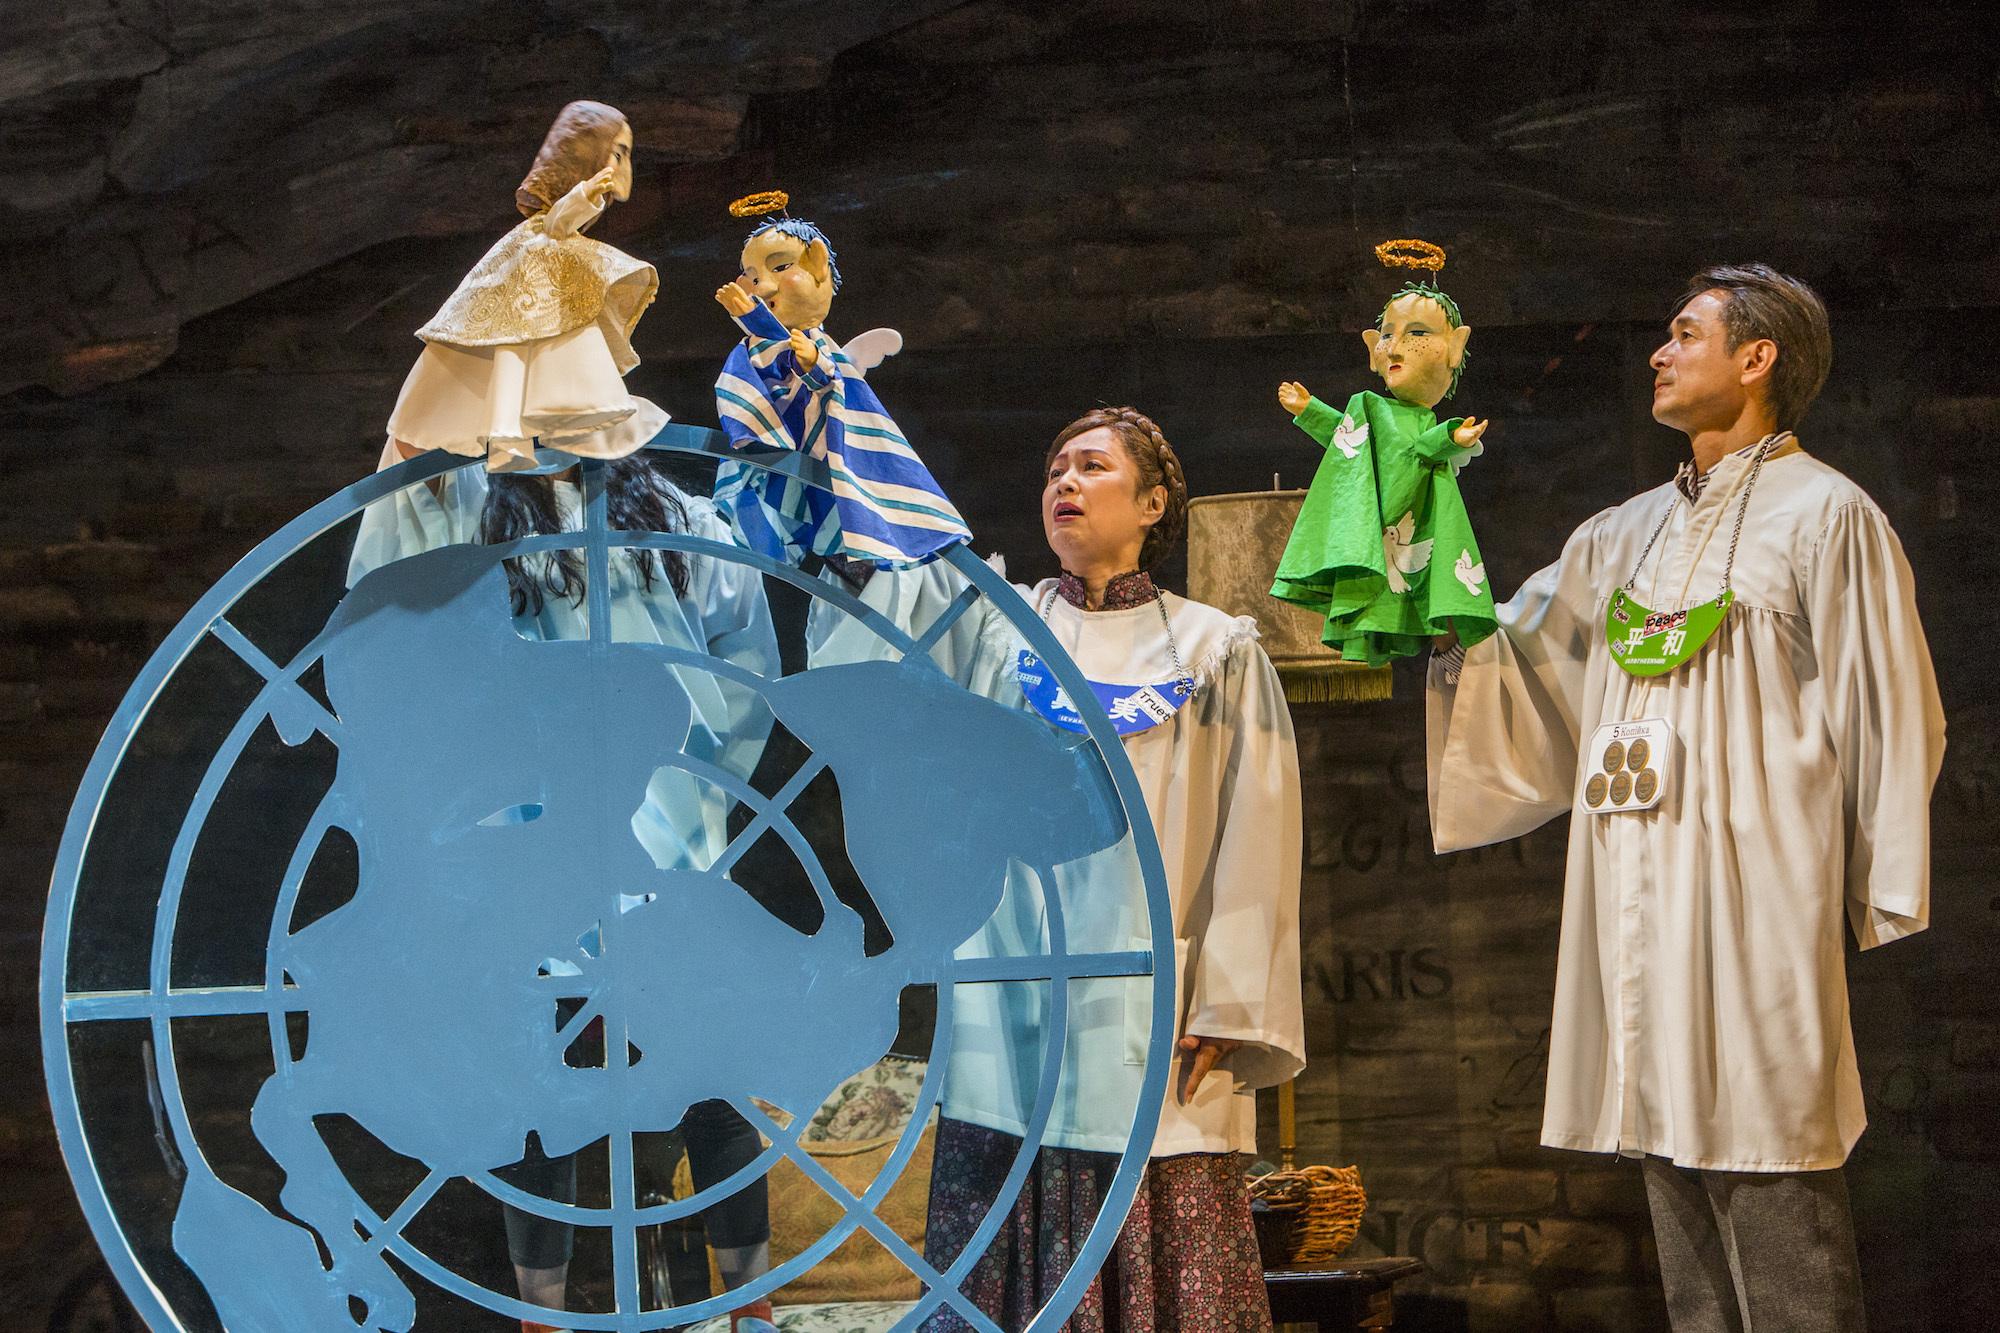 地人会新社公演『これはあなたのもの 1943—ウクライナ』(新国立劇場)天国のどこかで、神と天使たちが会話している場面。 撮影/谷古宇正彦